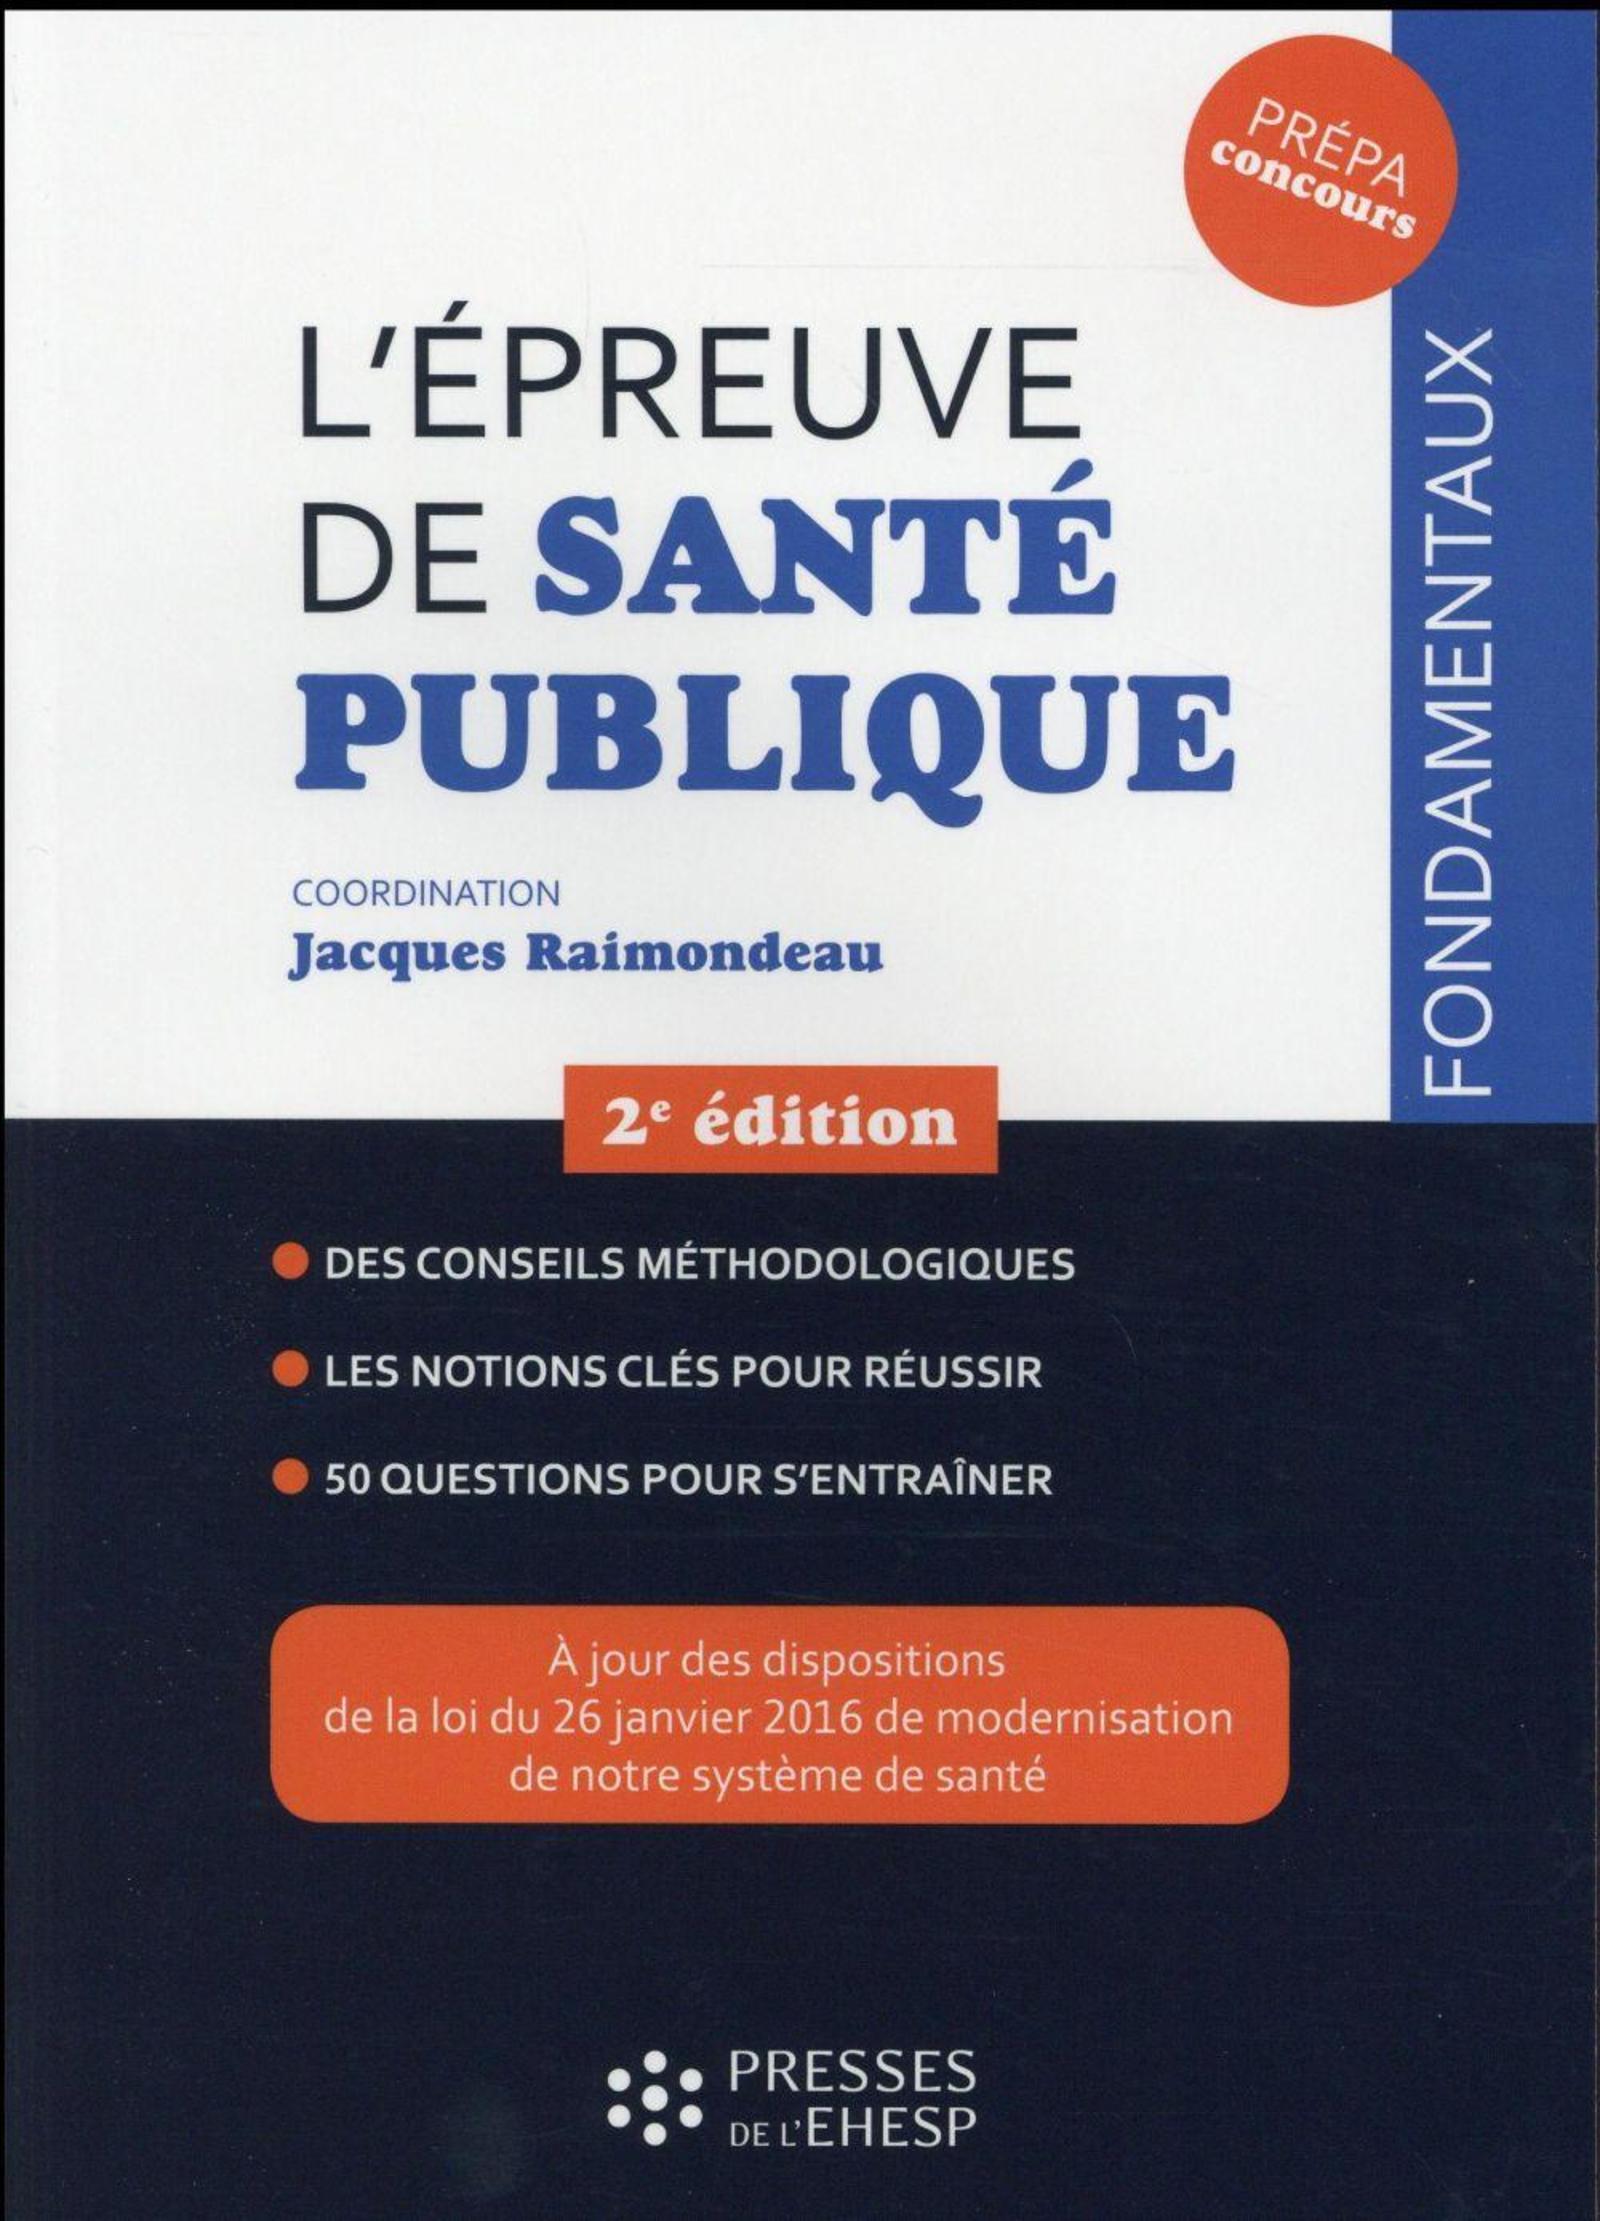 L EPREUVE DE SANTE PUBLIQUE - DES CONSEILS METHODOLOGIQUES. LES NOTIONS CLES POUR REUSSIR. 50 QUESTI